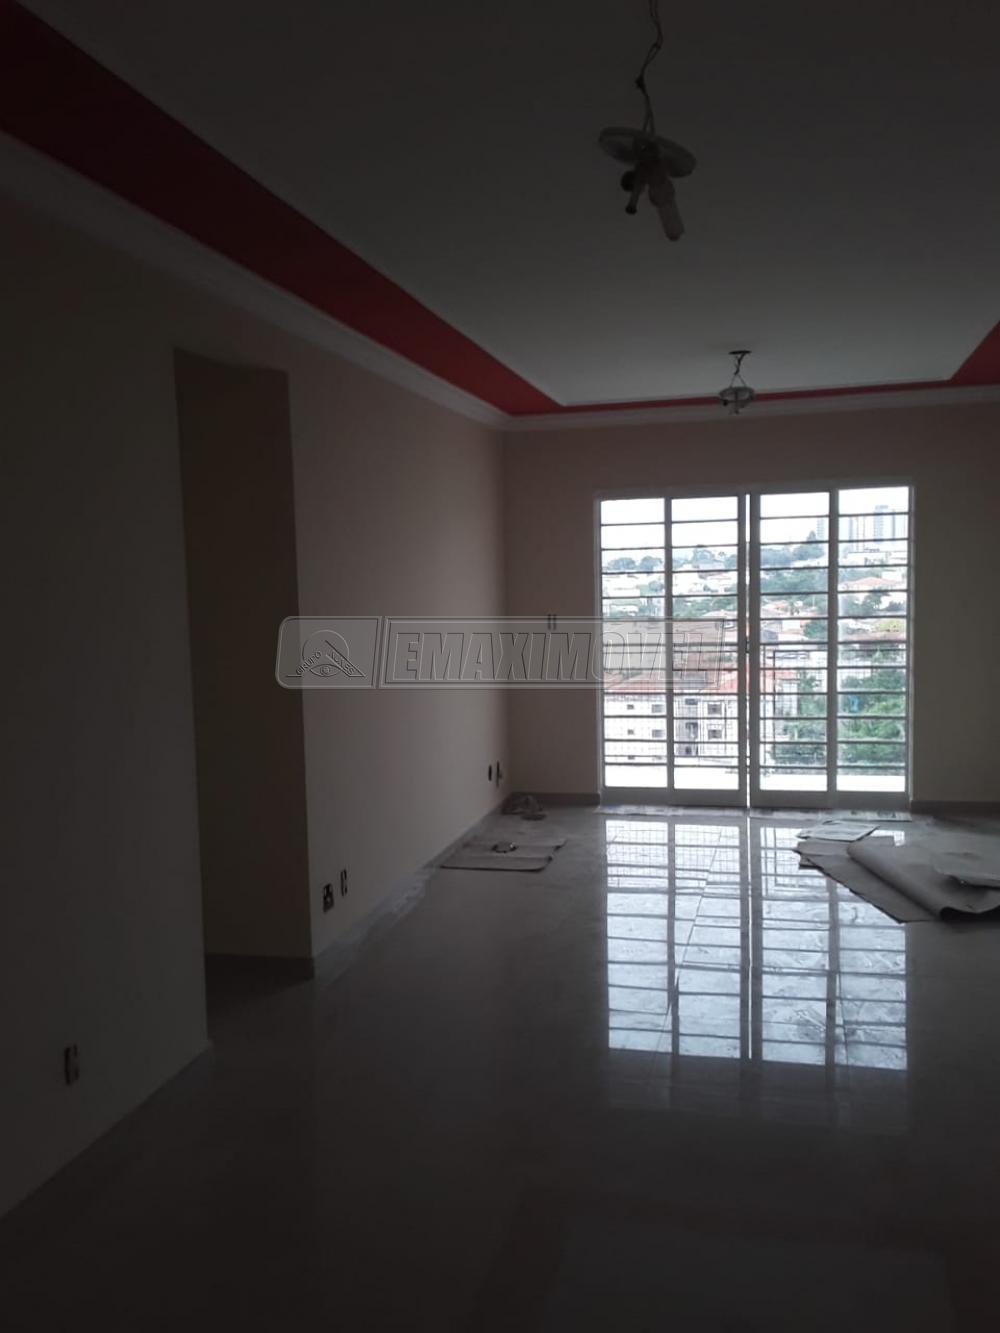 Comprar Apartamentos / Apto Padrão em Sorocaba apenas R$ 335.000,00 - Foto 3